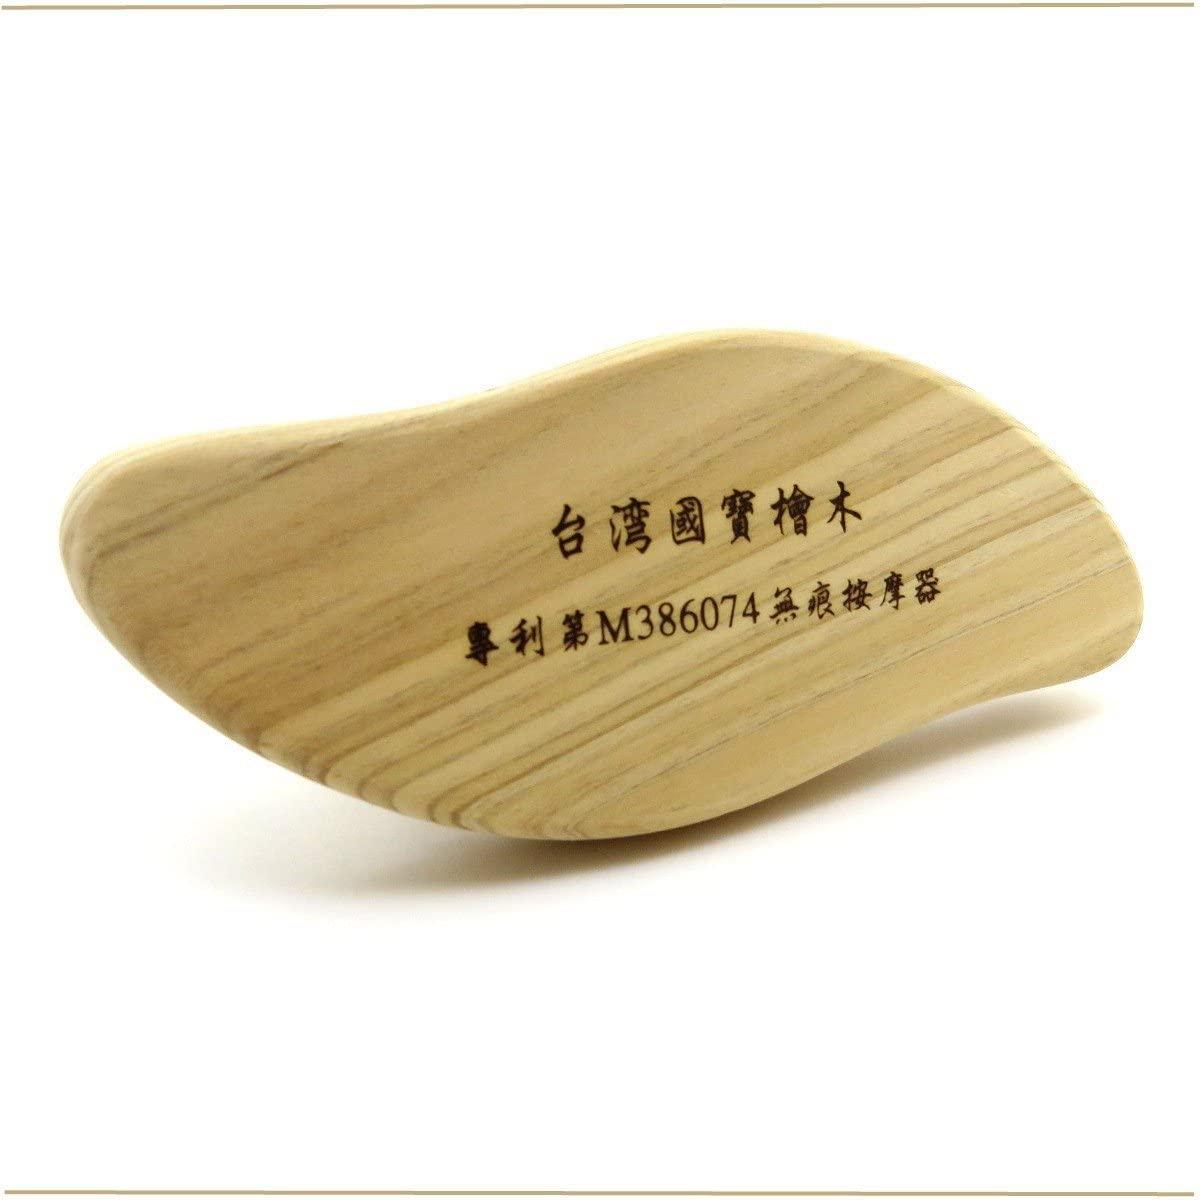 無痕刮莎(ムコンカッサ)かっさ 無痕かっさ板 S型 手づかみタイプの商品画像2